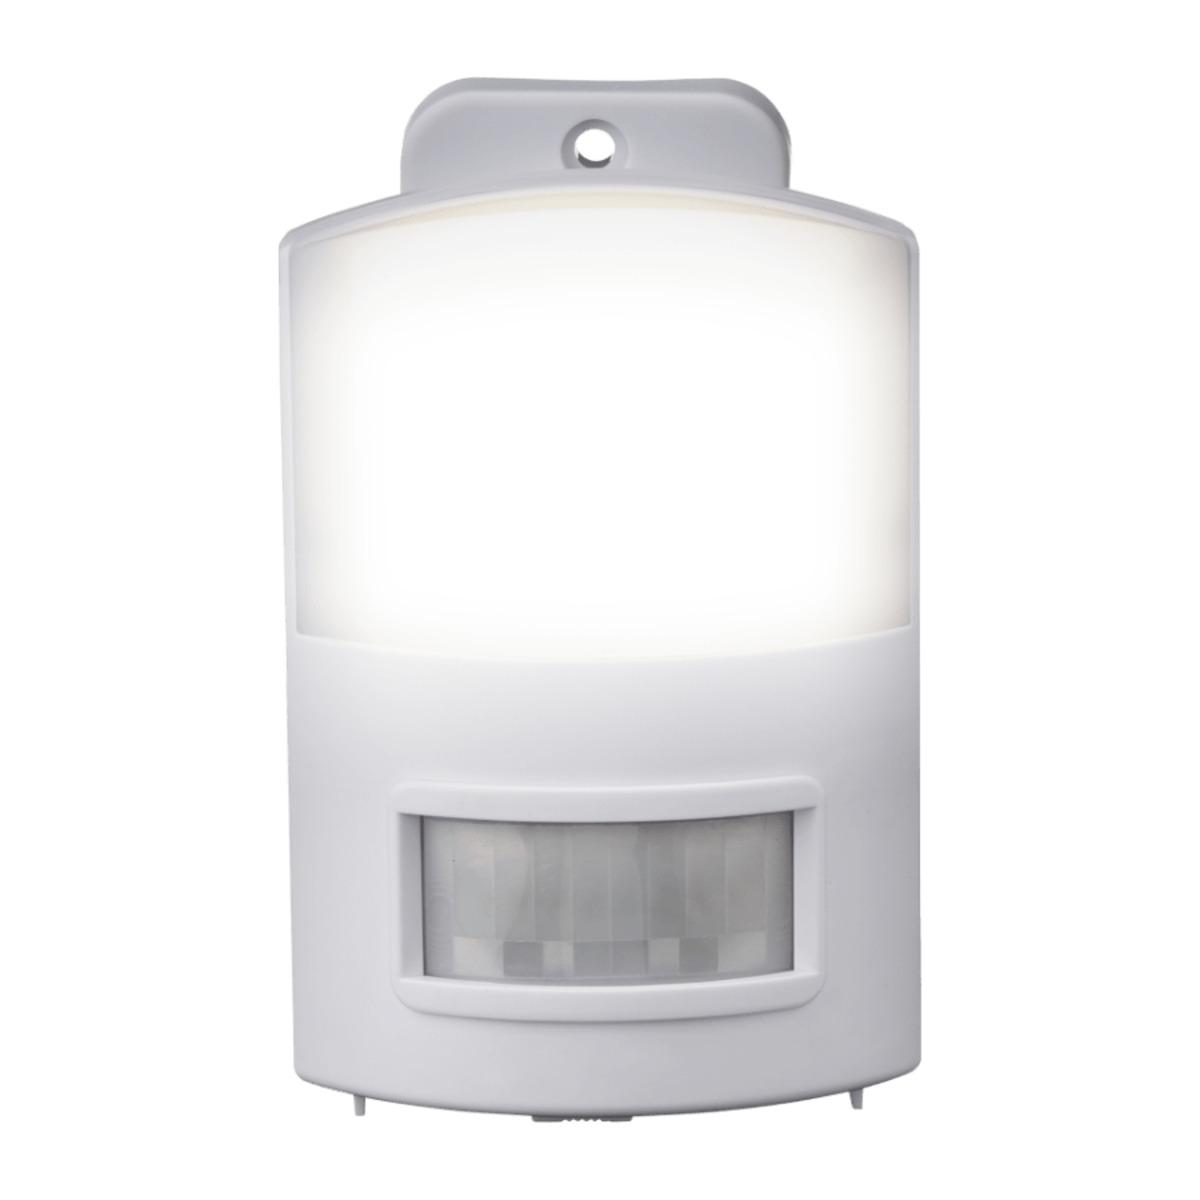 Bild 2 von LIGHTZONE     LED Leuchte mit Bewegungsmelder